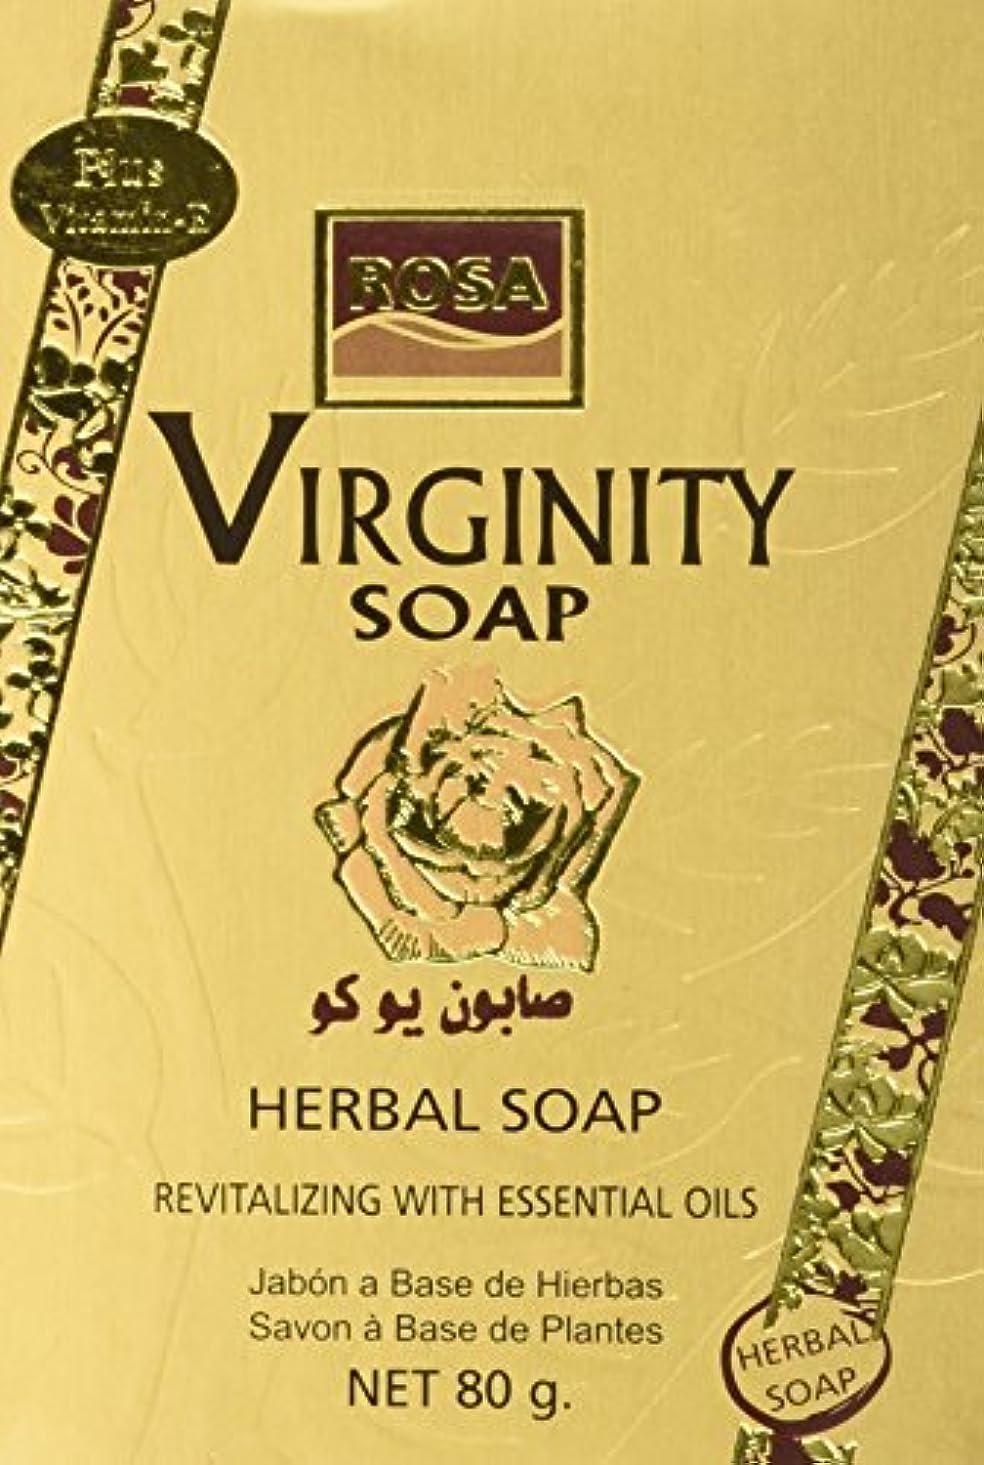 繕う舞い上がる敗北Rosa Virginity Soap Bar Feminine Tighten with gift box by ROSA